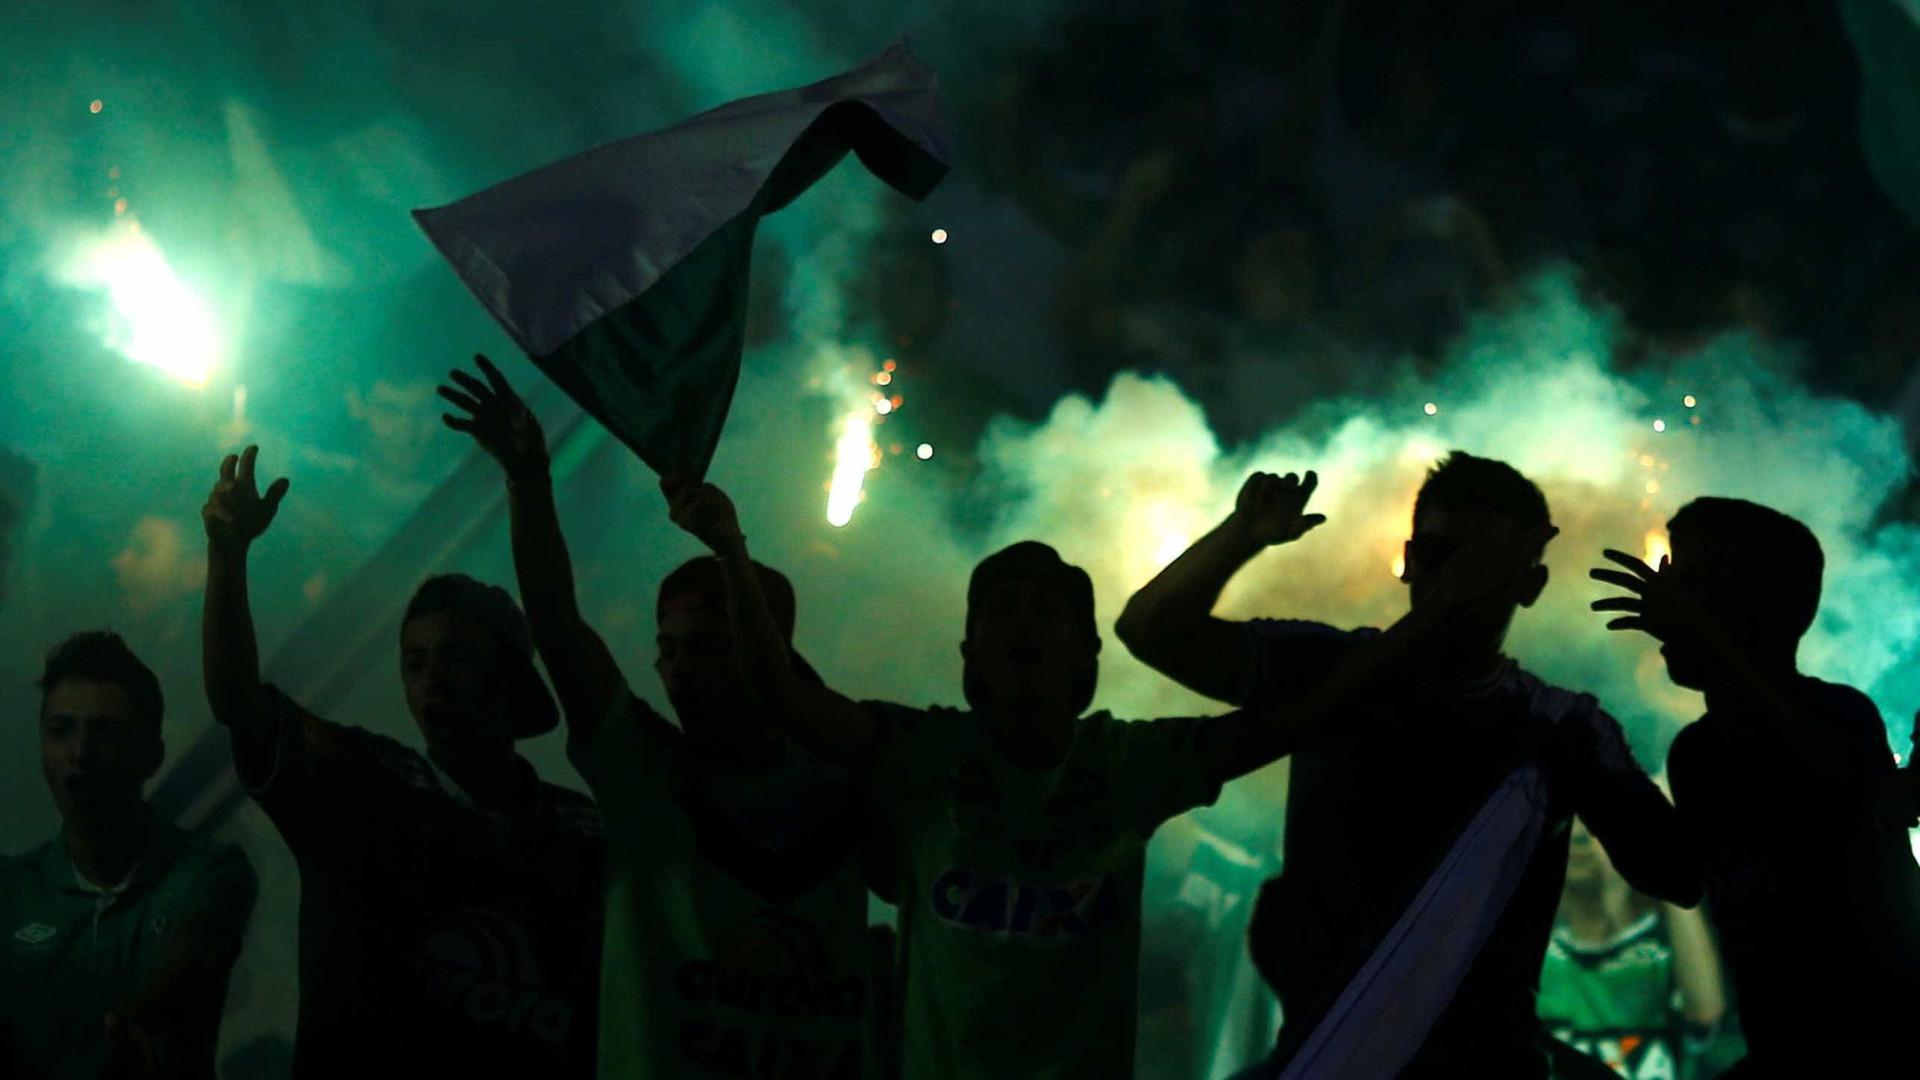 Vídeo: Torcida do Atlético Nacional canta em homenagem à Chape